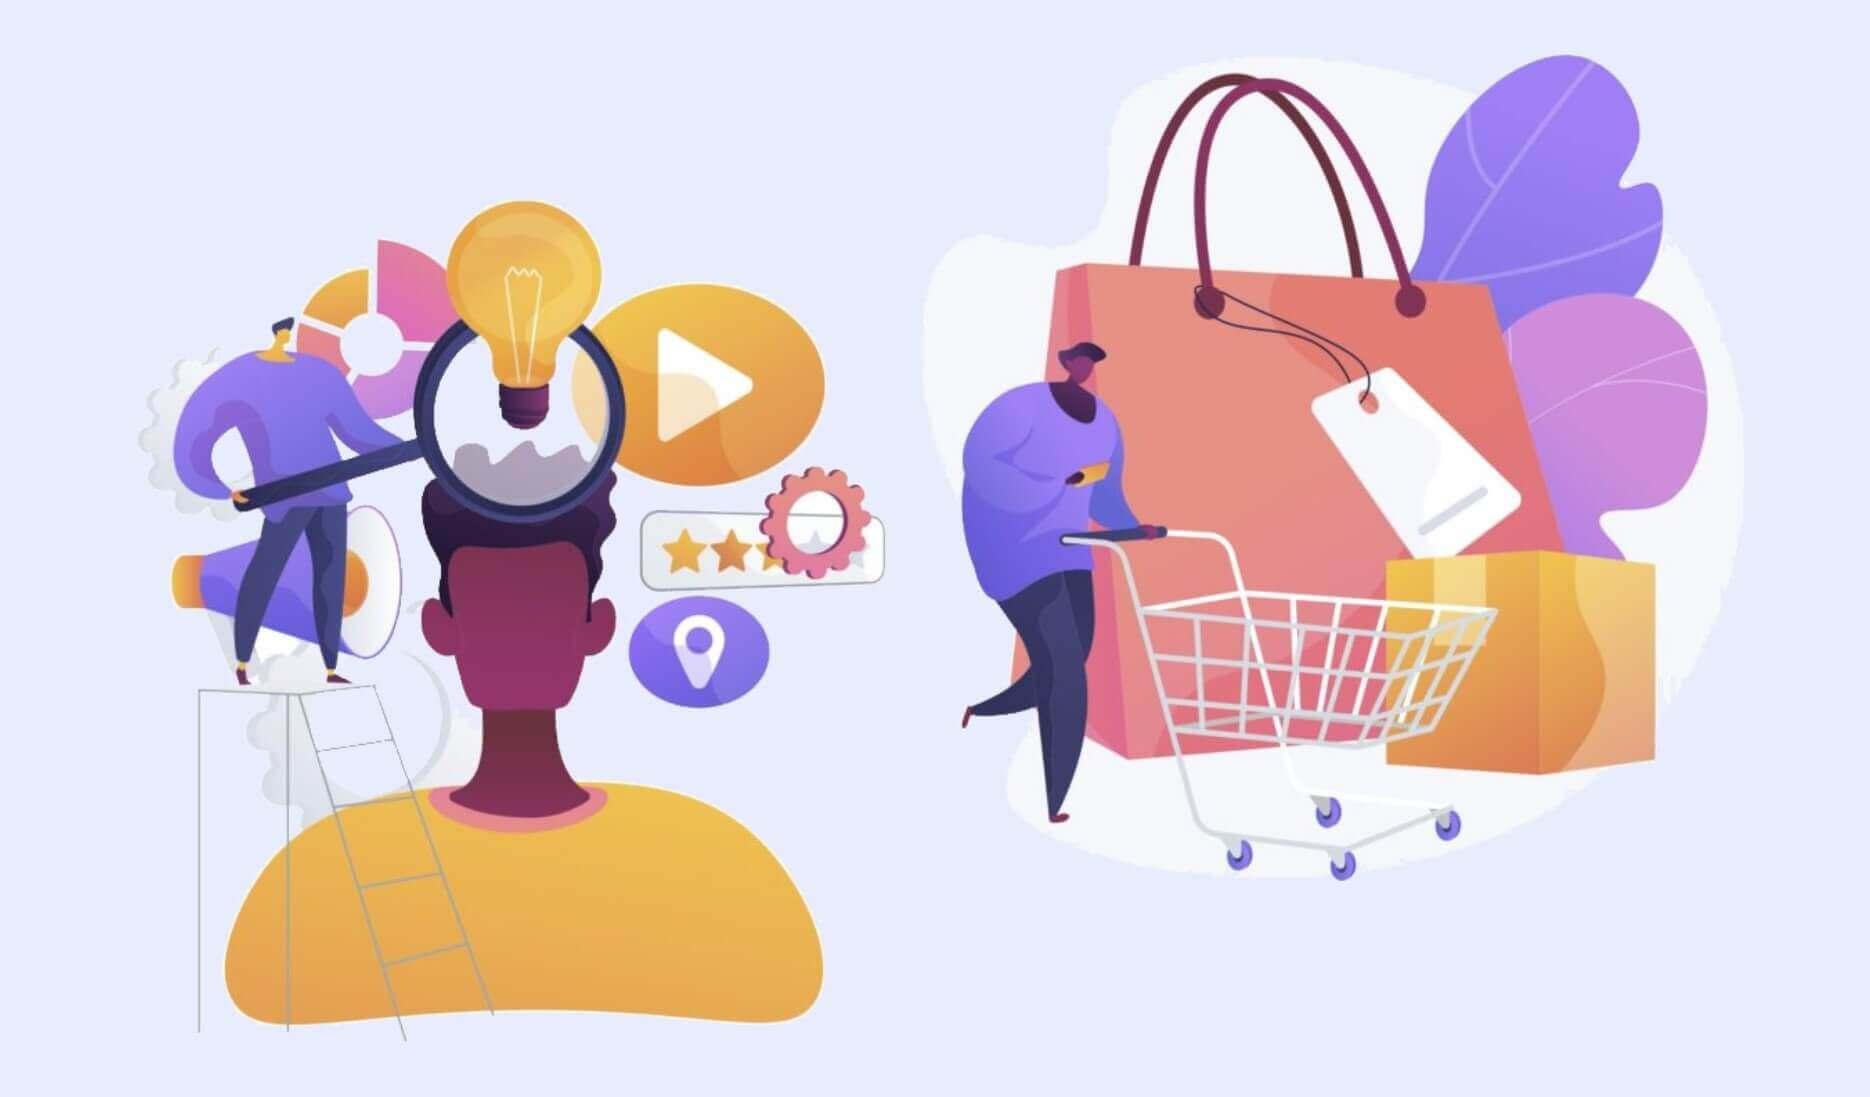 processo decisão de compra